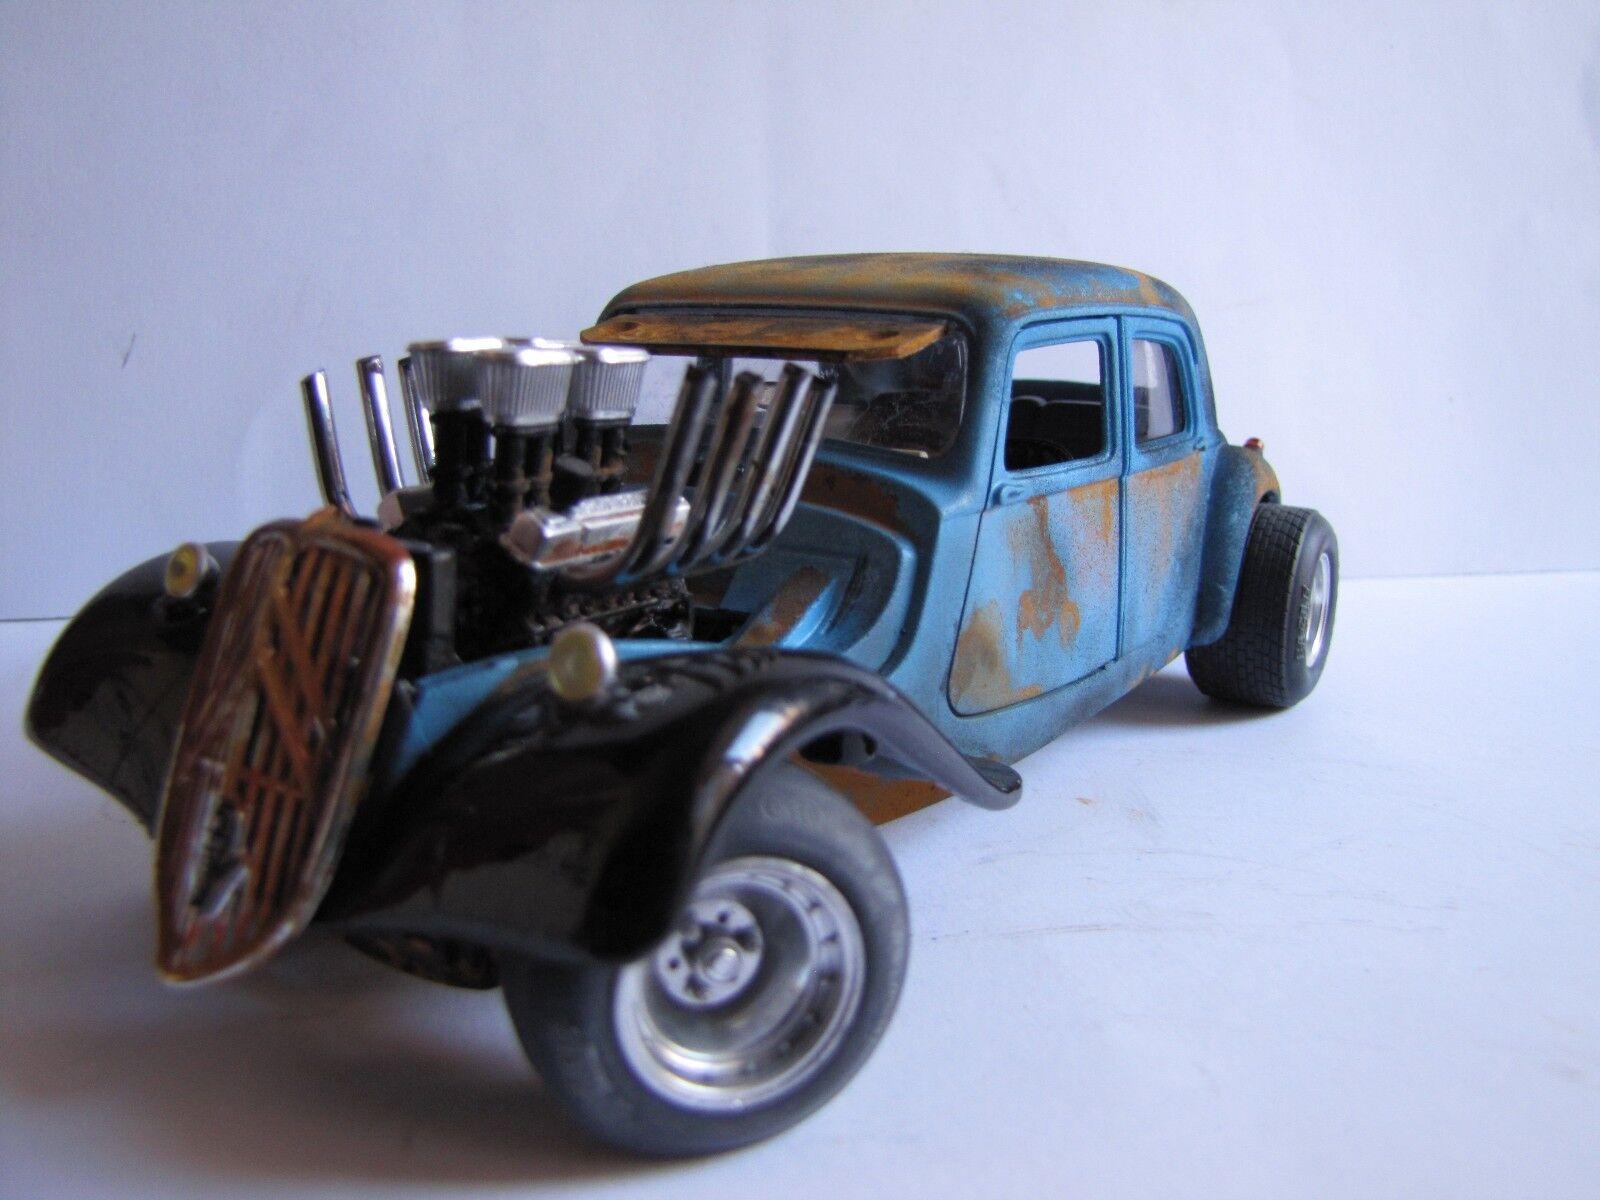 Citroen traction hot rod rat rod v8 auto bburago 1 24 rust